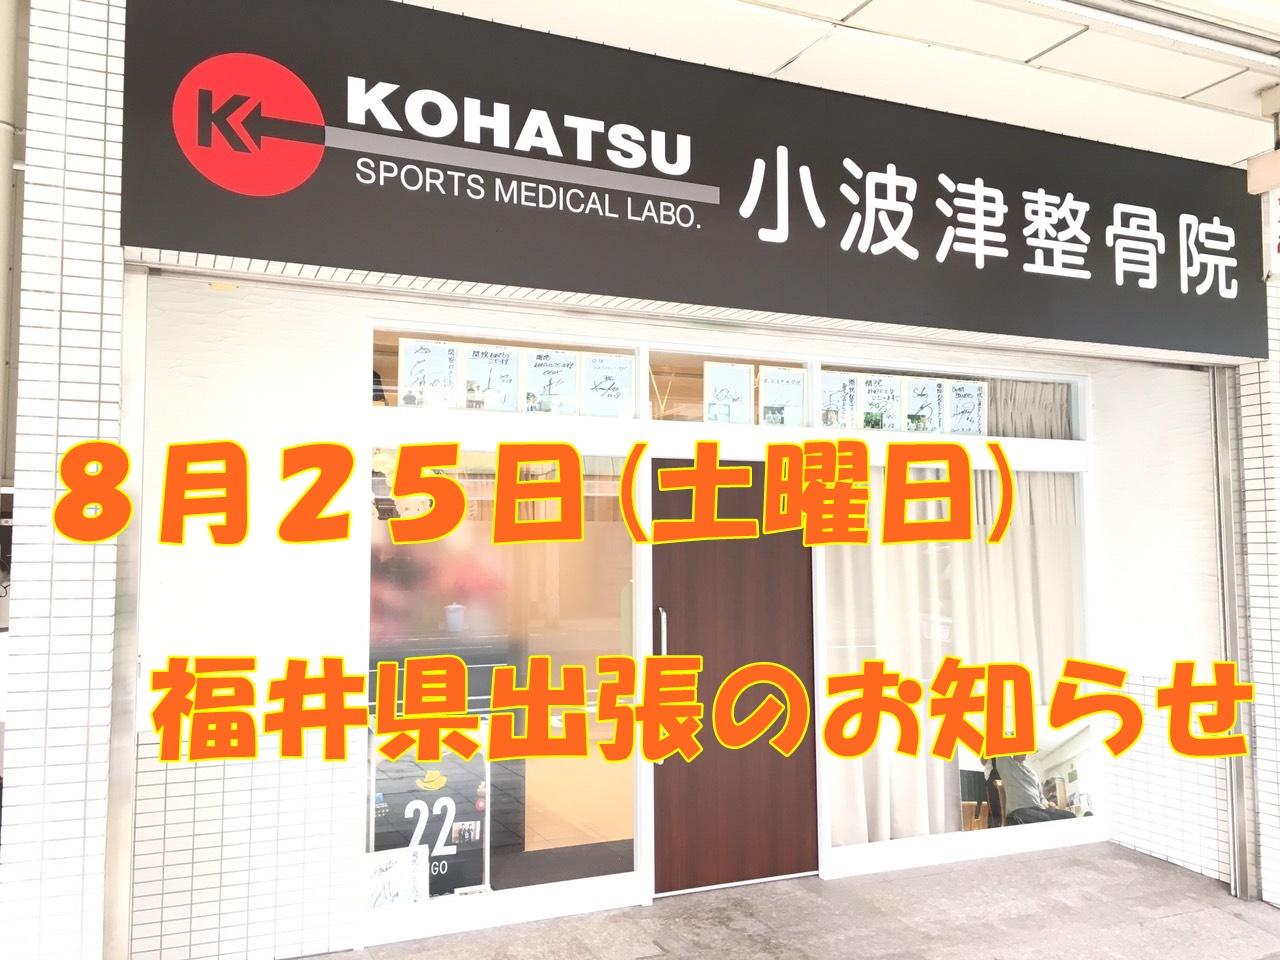 8月25日(土)福井県出張のお知らせ